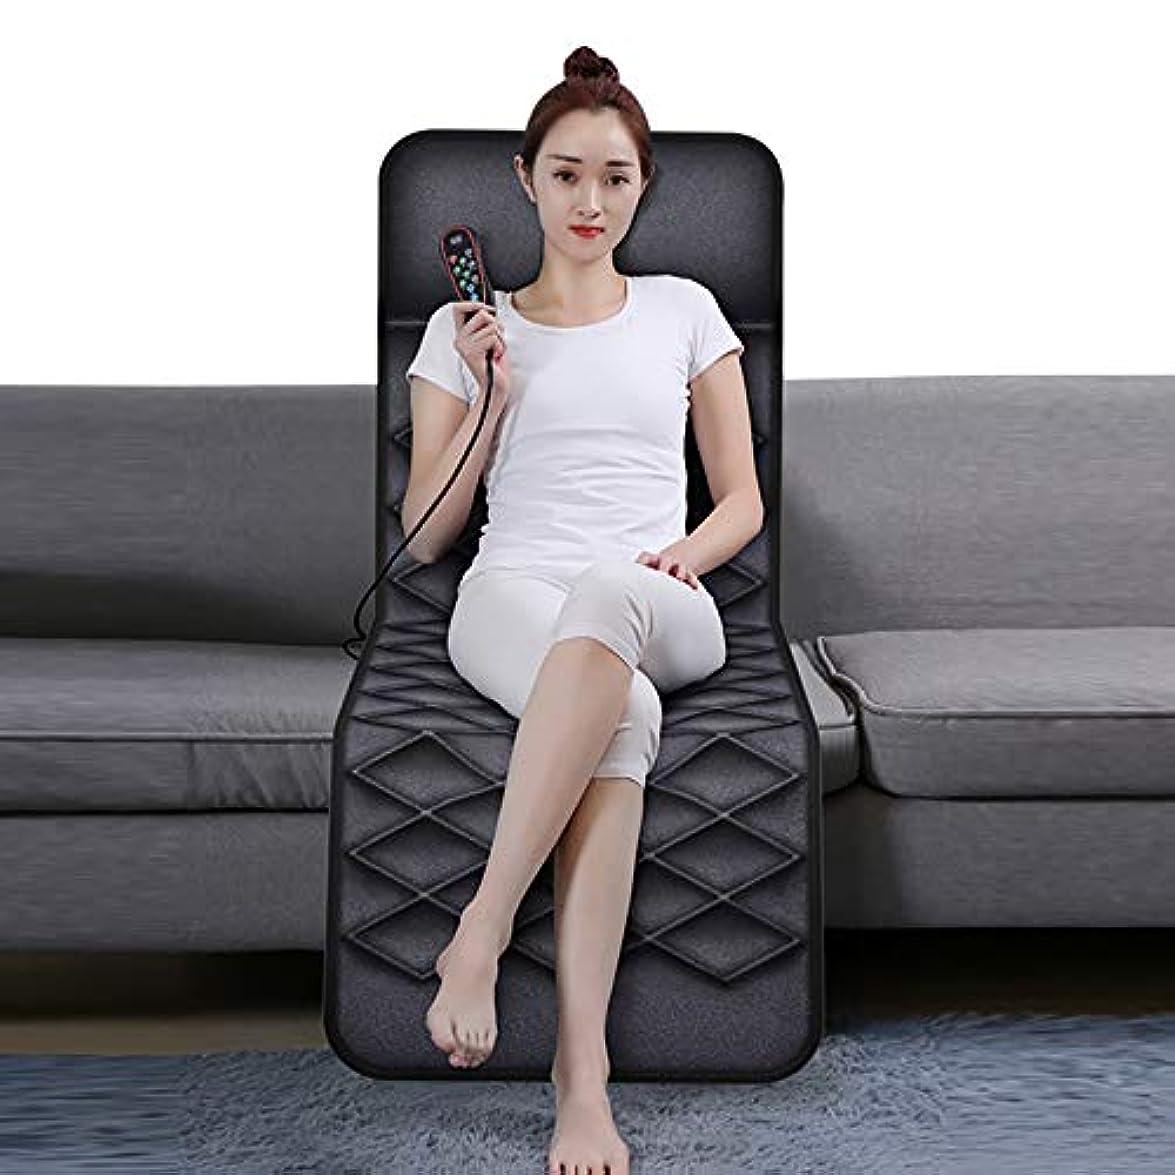 寸法ゴネリル歌加熱付きマッサージマット、背中の痛みを軽減する10モーター振動マッサージマットレスパッド、首と背中の全身マッサージ、腰部ふくらはぎ筋肉のリラクゼーション